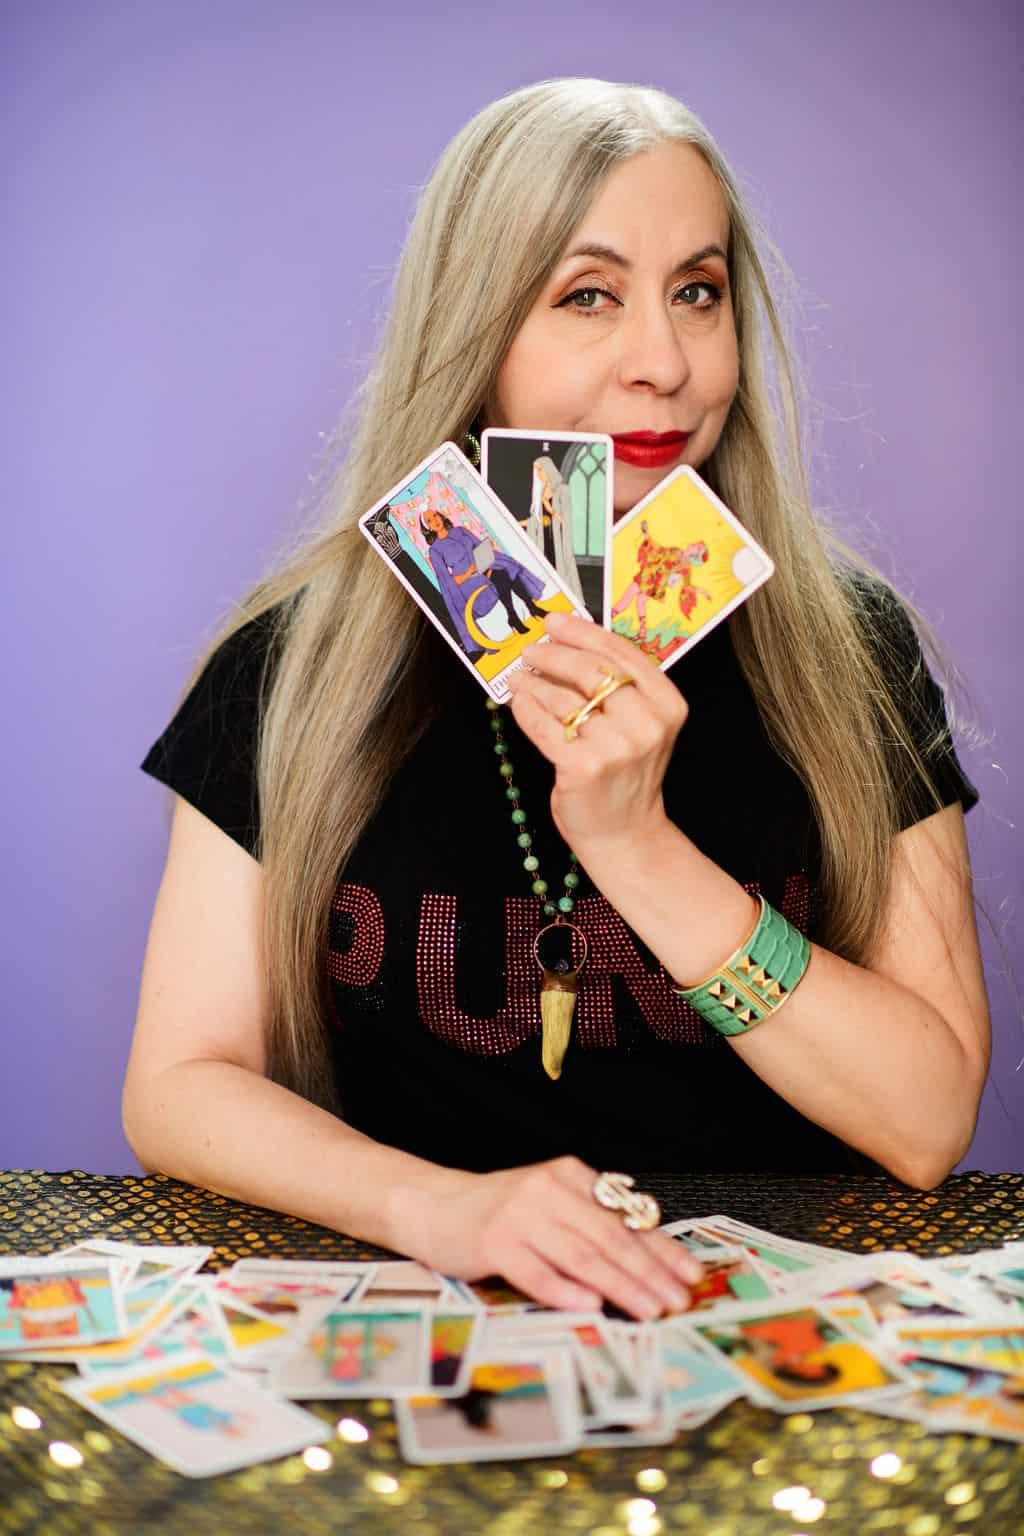 The Tarot Lady - Tarot Readings with Theresa Reed